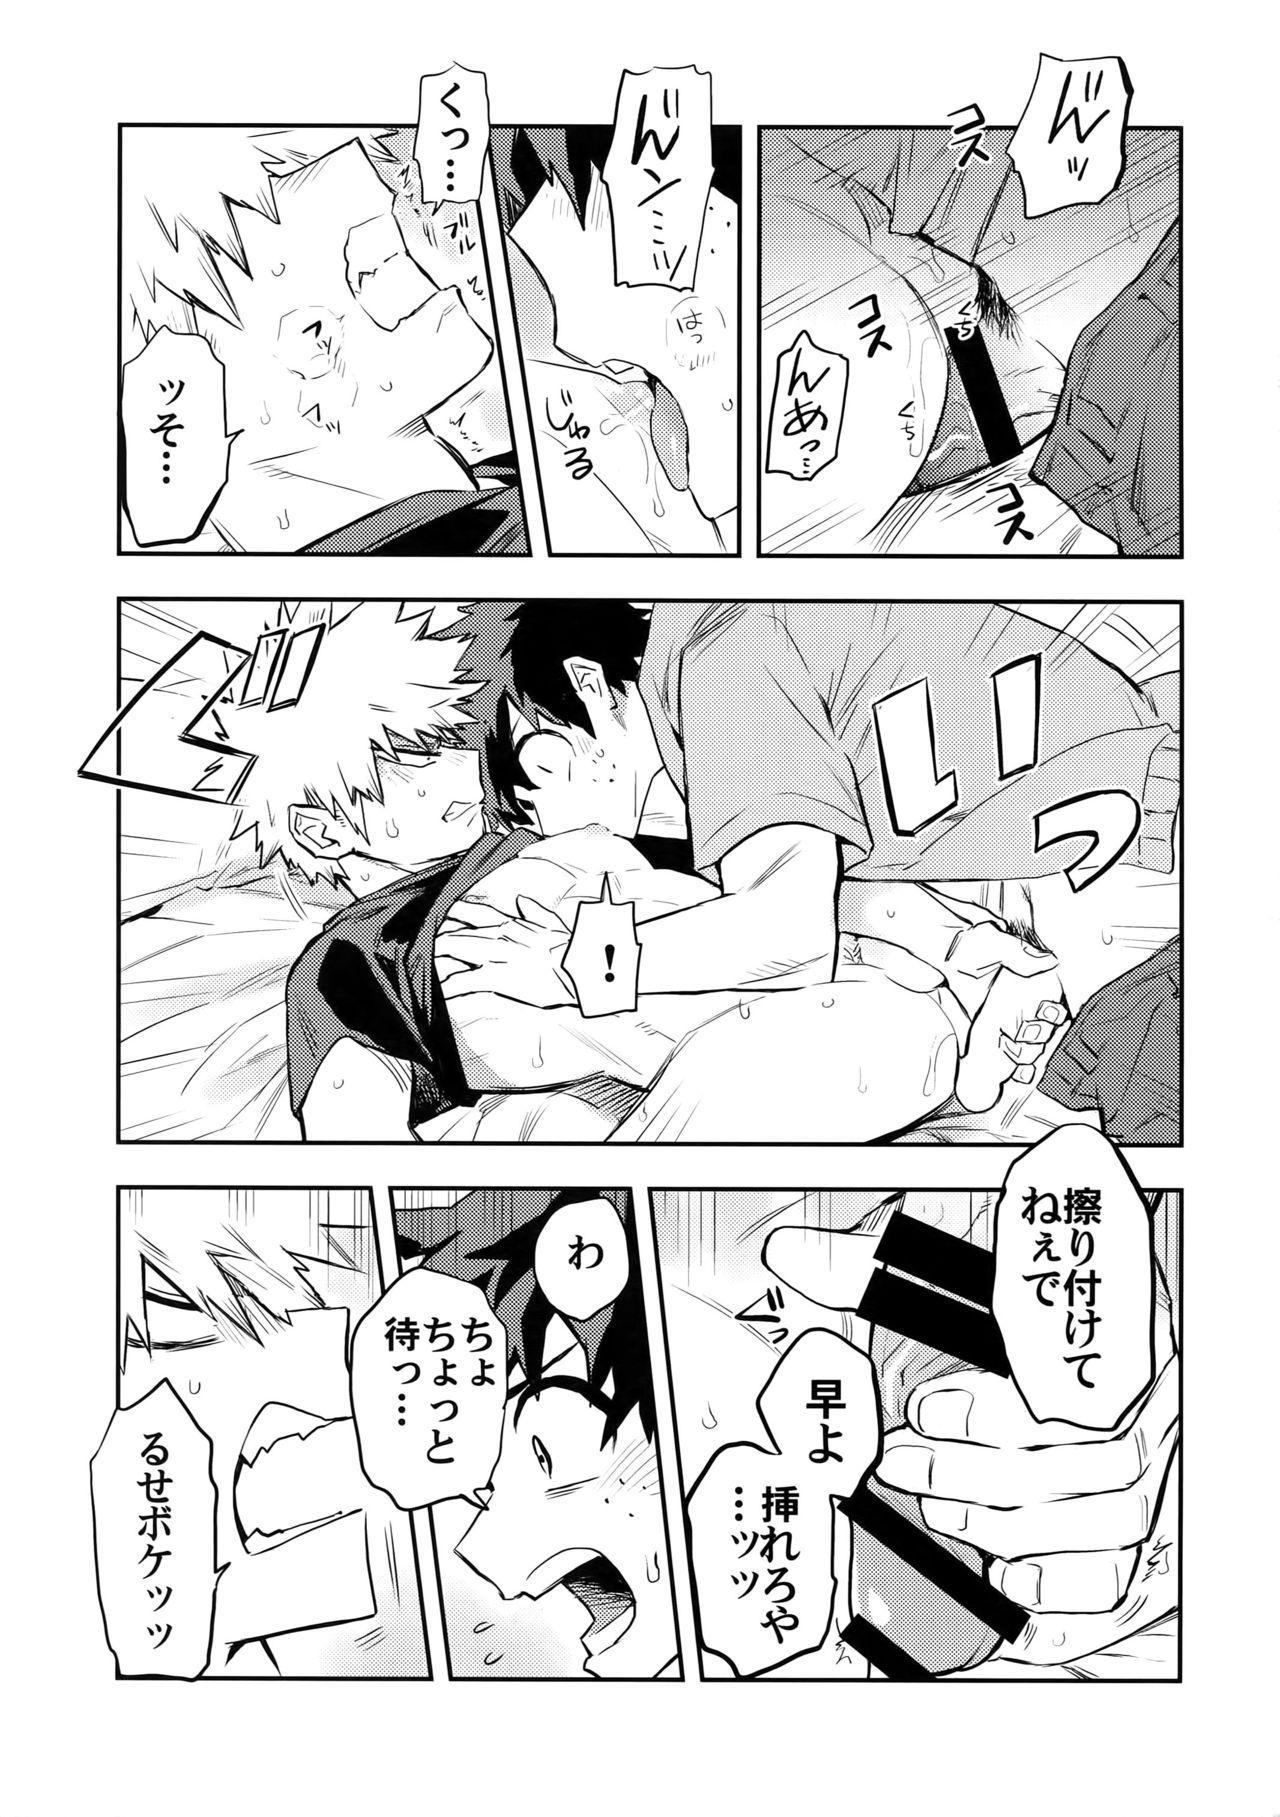 Kazehiki Kacchan to Boku no Koubousen 13